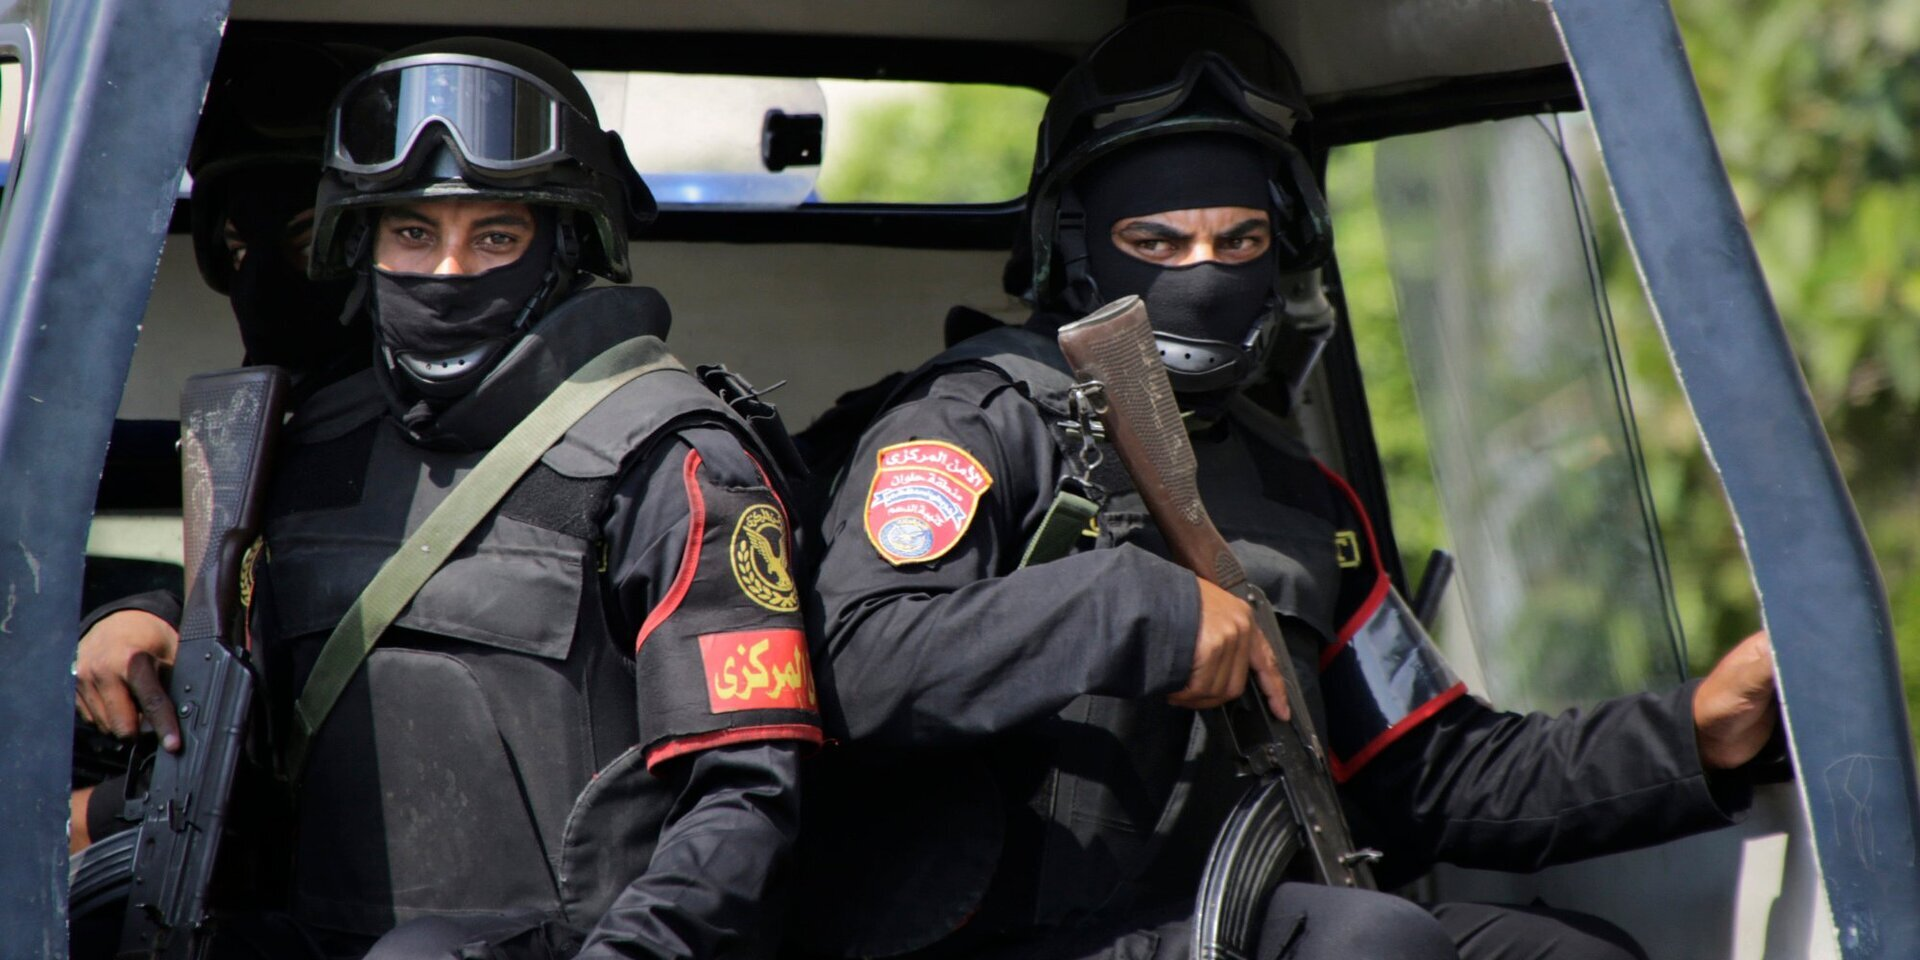 مصر.. عاطل يغتصب مسنة أعتقد أنها لن تتذكر شيئا عن الجريمة